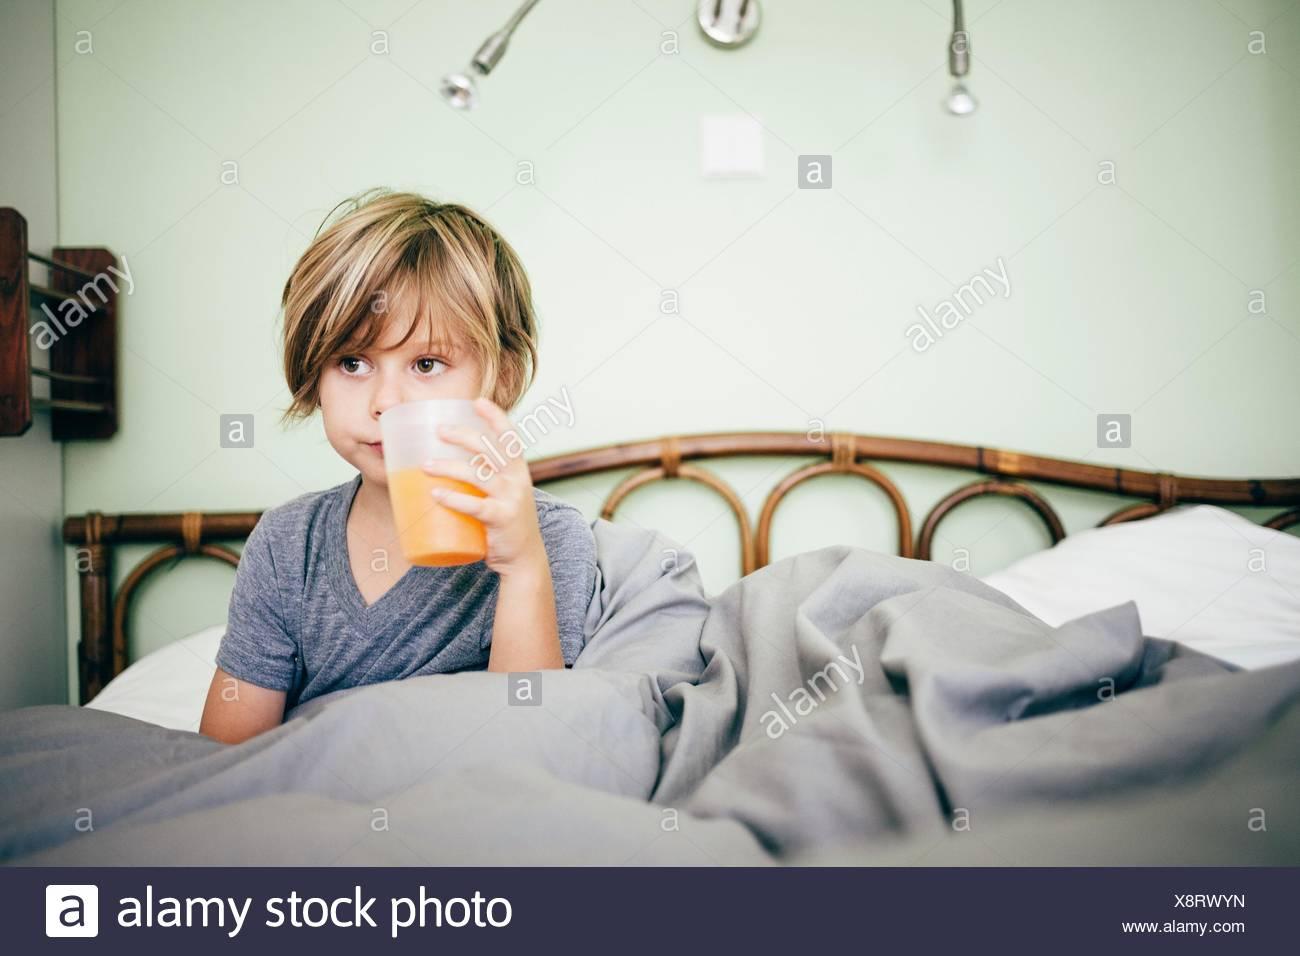 Junge sitzt im Bett trinken Becher Orangensaft, wegsehen, Bludenz, Vorarlberg, Österreich Stockbild